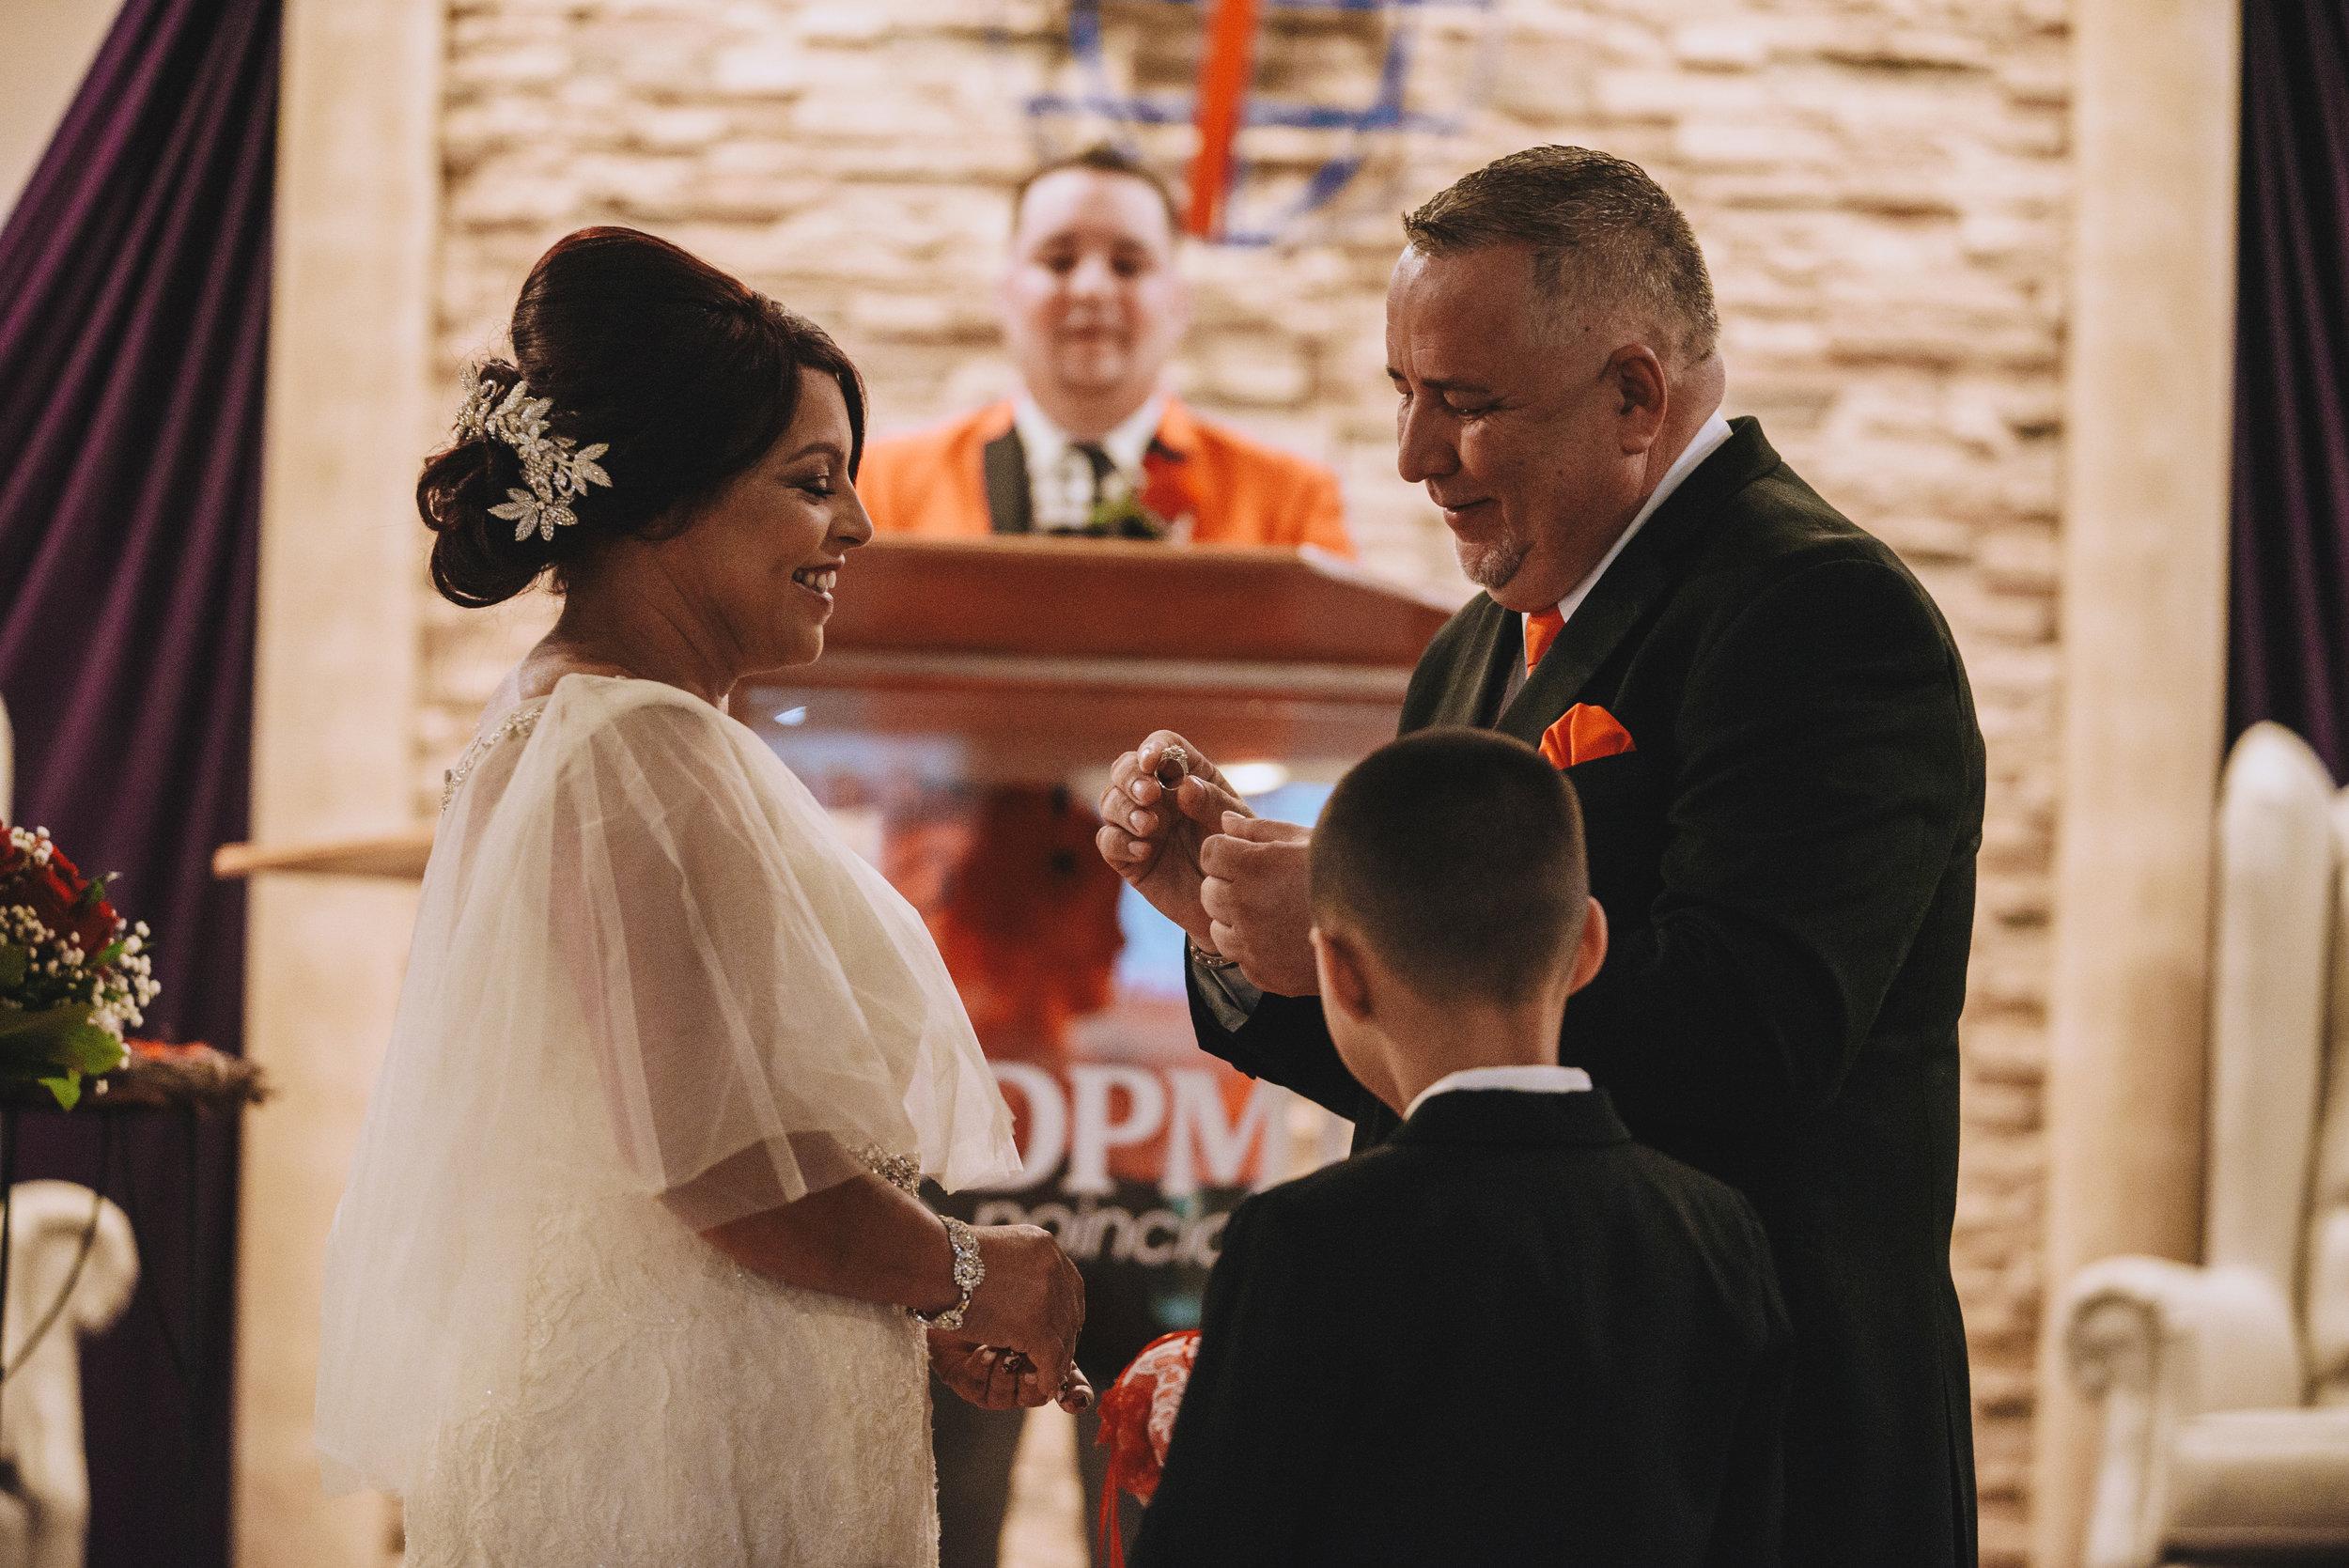 Los-Vargas-Photo-Wedding-Vow-Renewal-Central-Florida-95.jpg